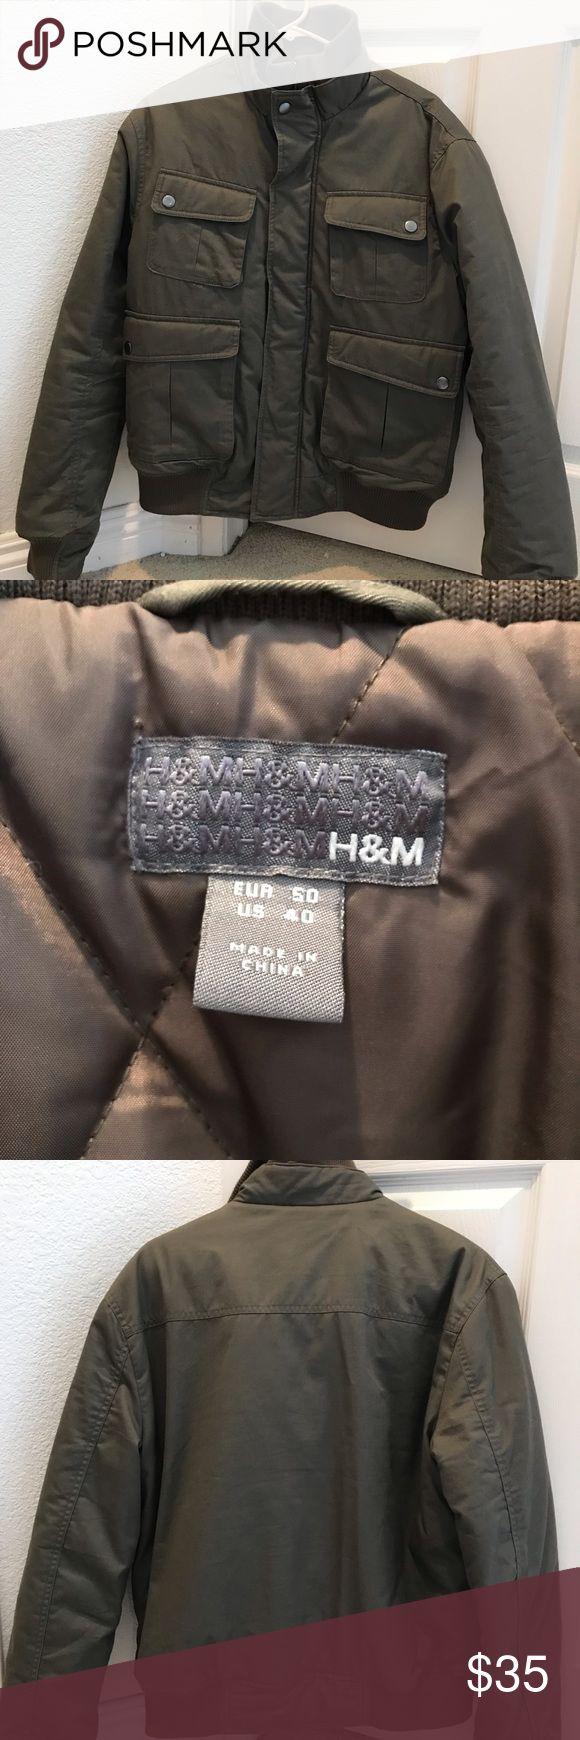 H&M olive green bomber jacket Olive green bomber jacket